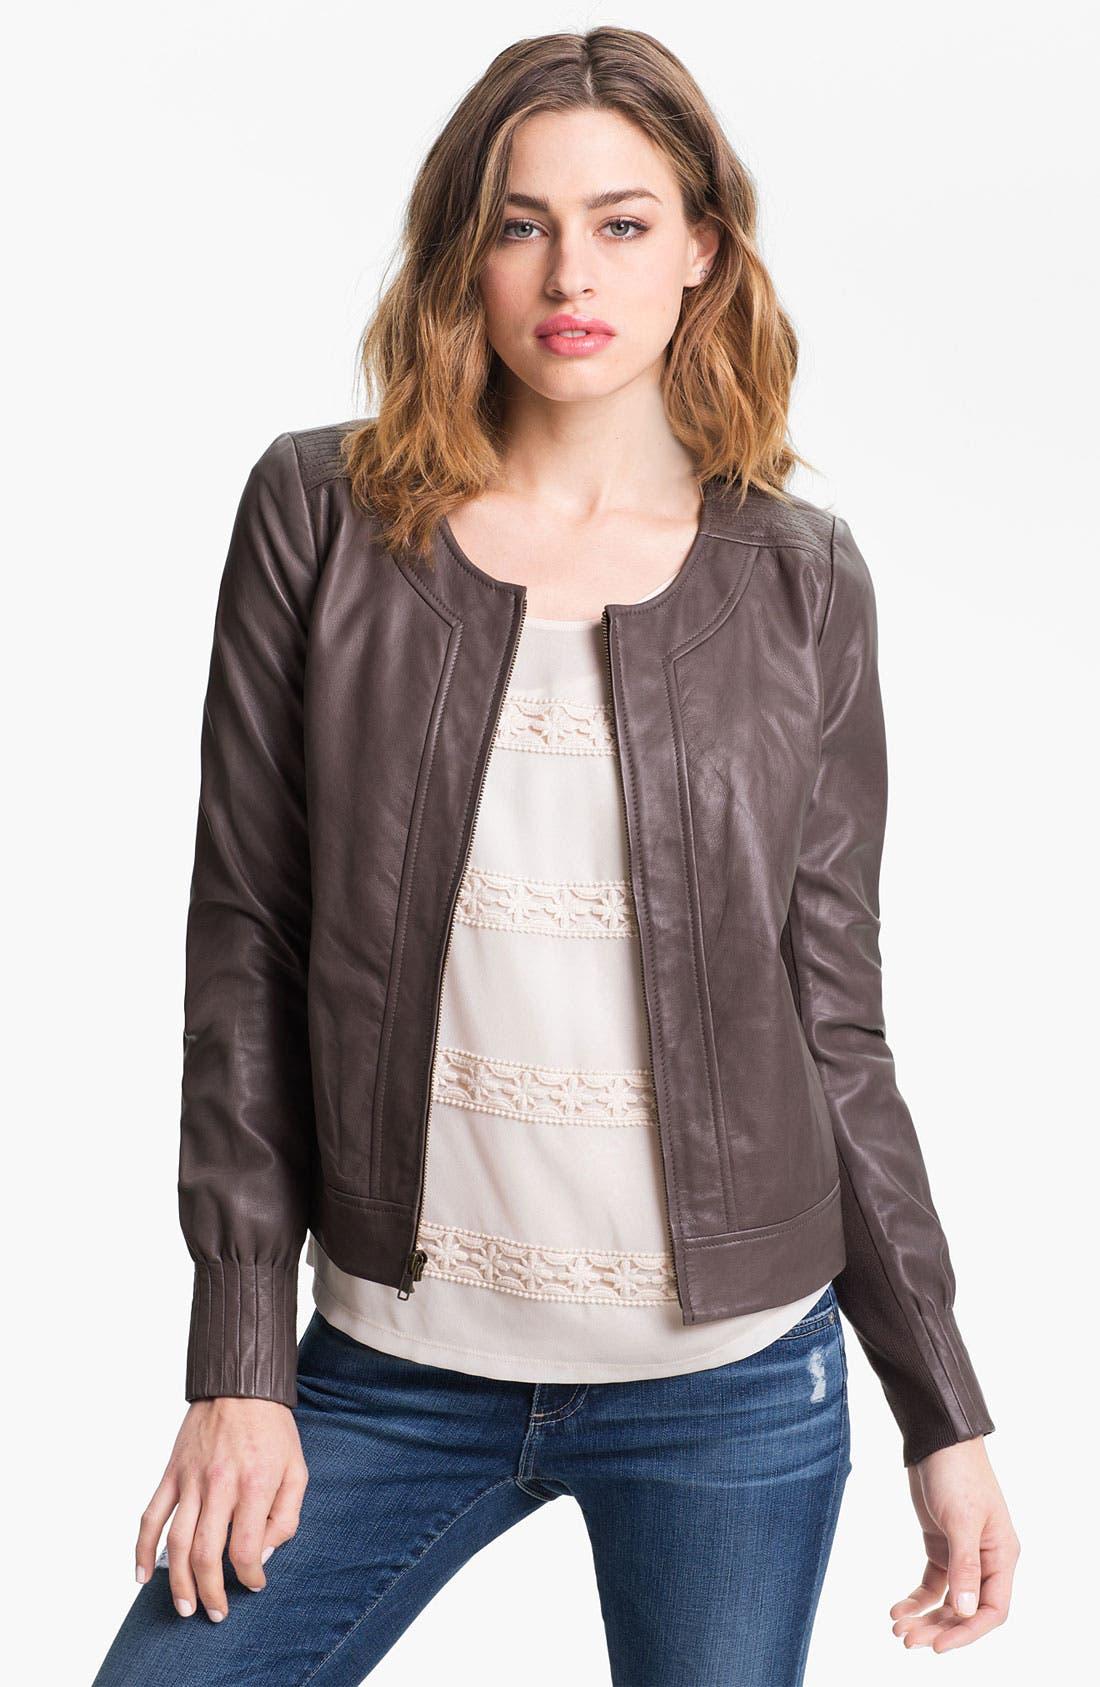 Main Image - Trouvé Pleat Detail Leather Jacket